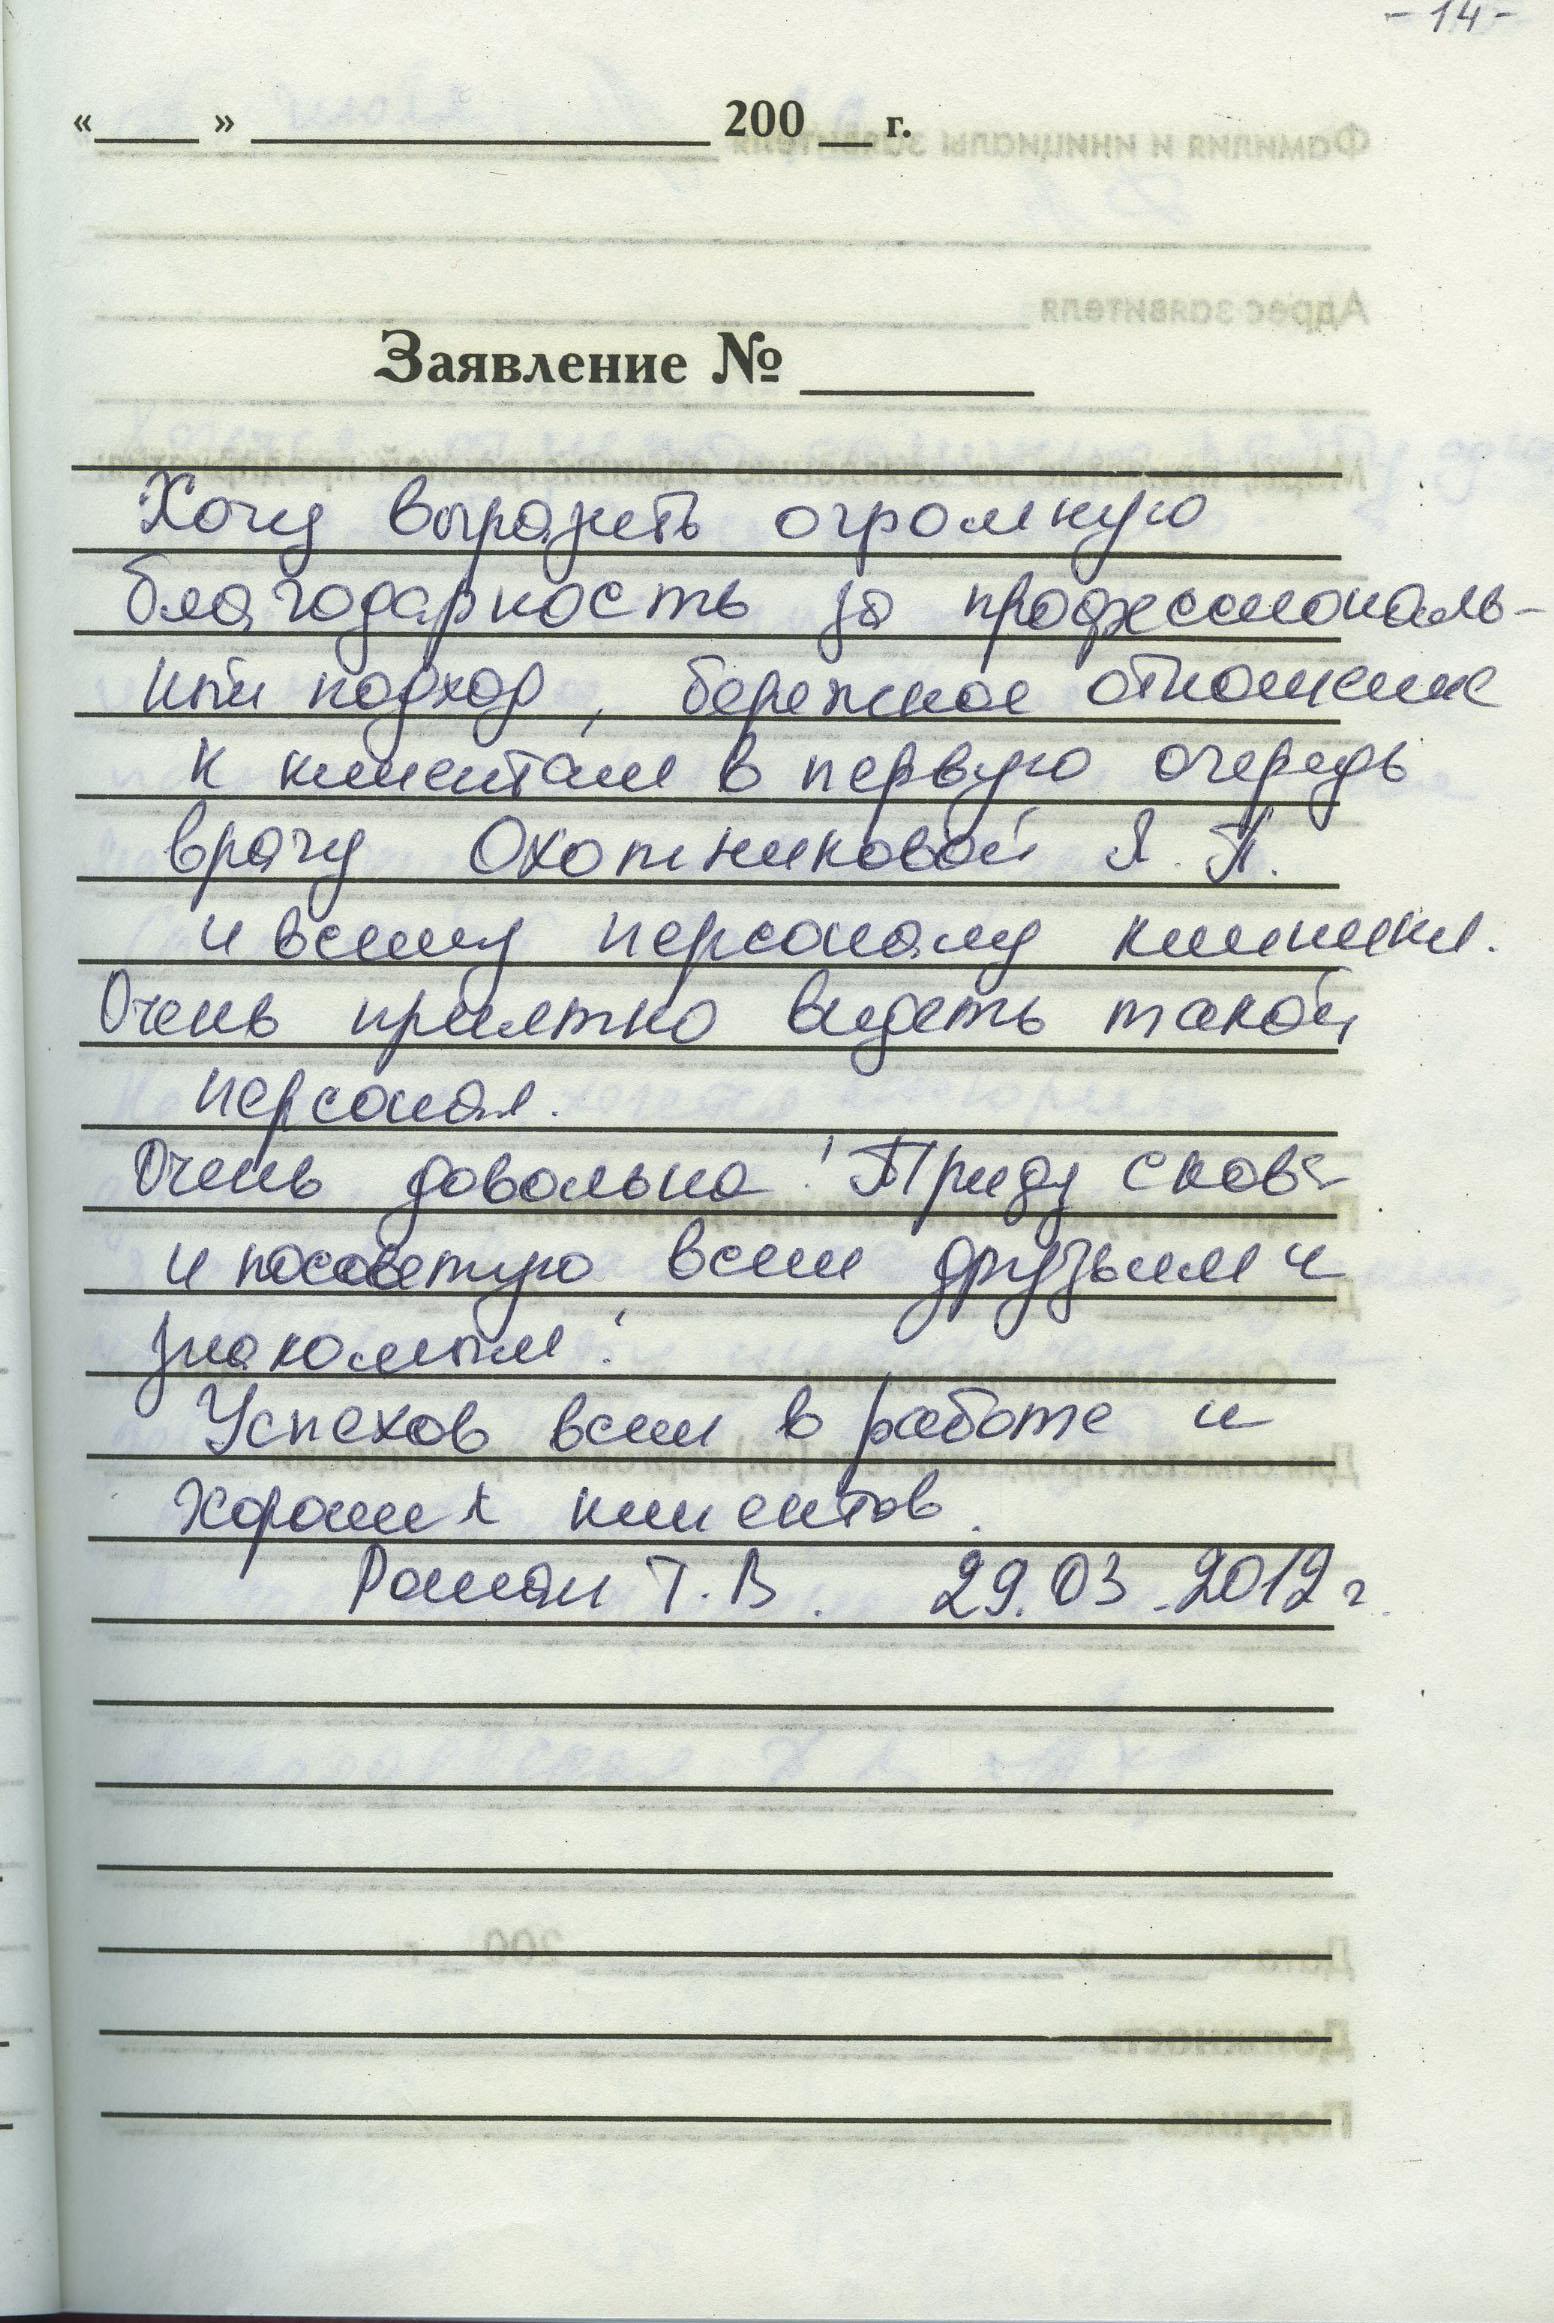 Ярославской клинической больнице им соловьева